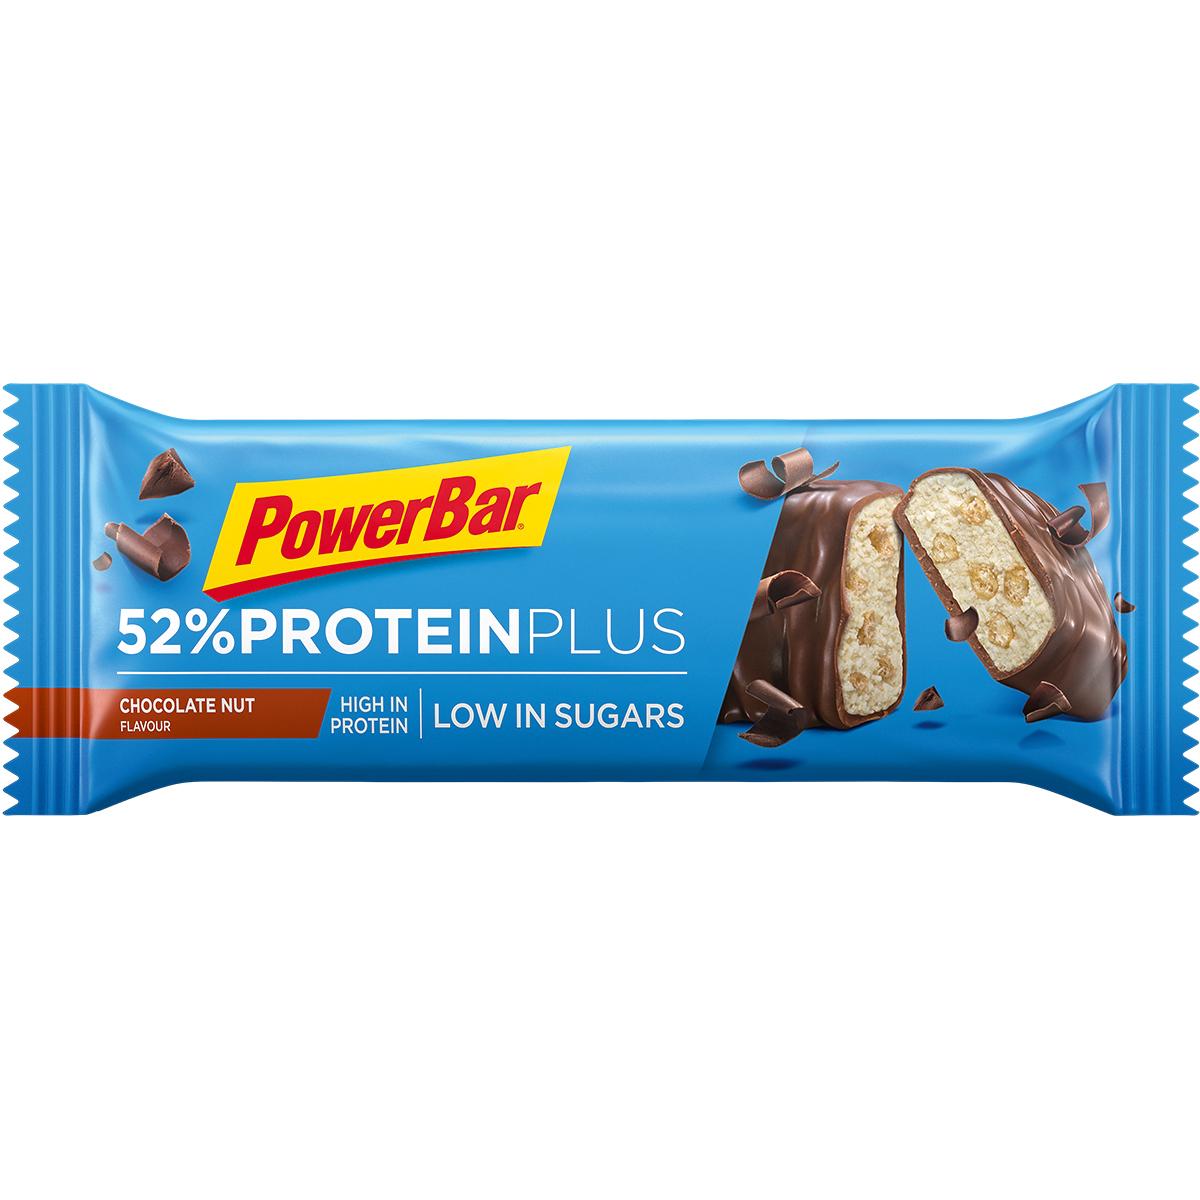 Powerbar 52% Protein Plus Chocolate Nut (50g)